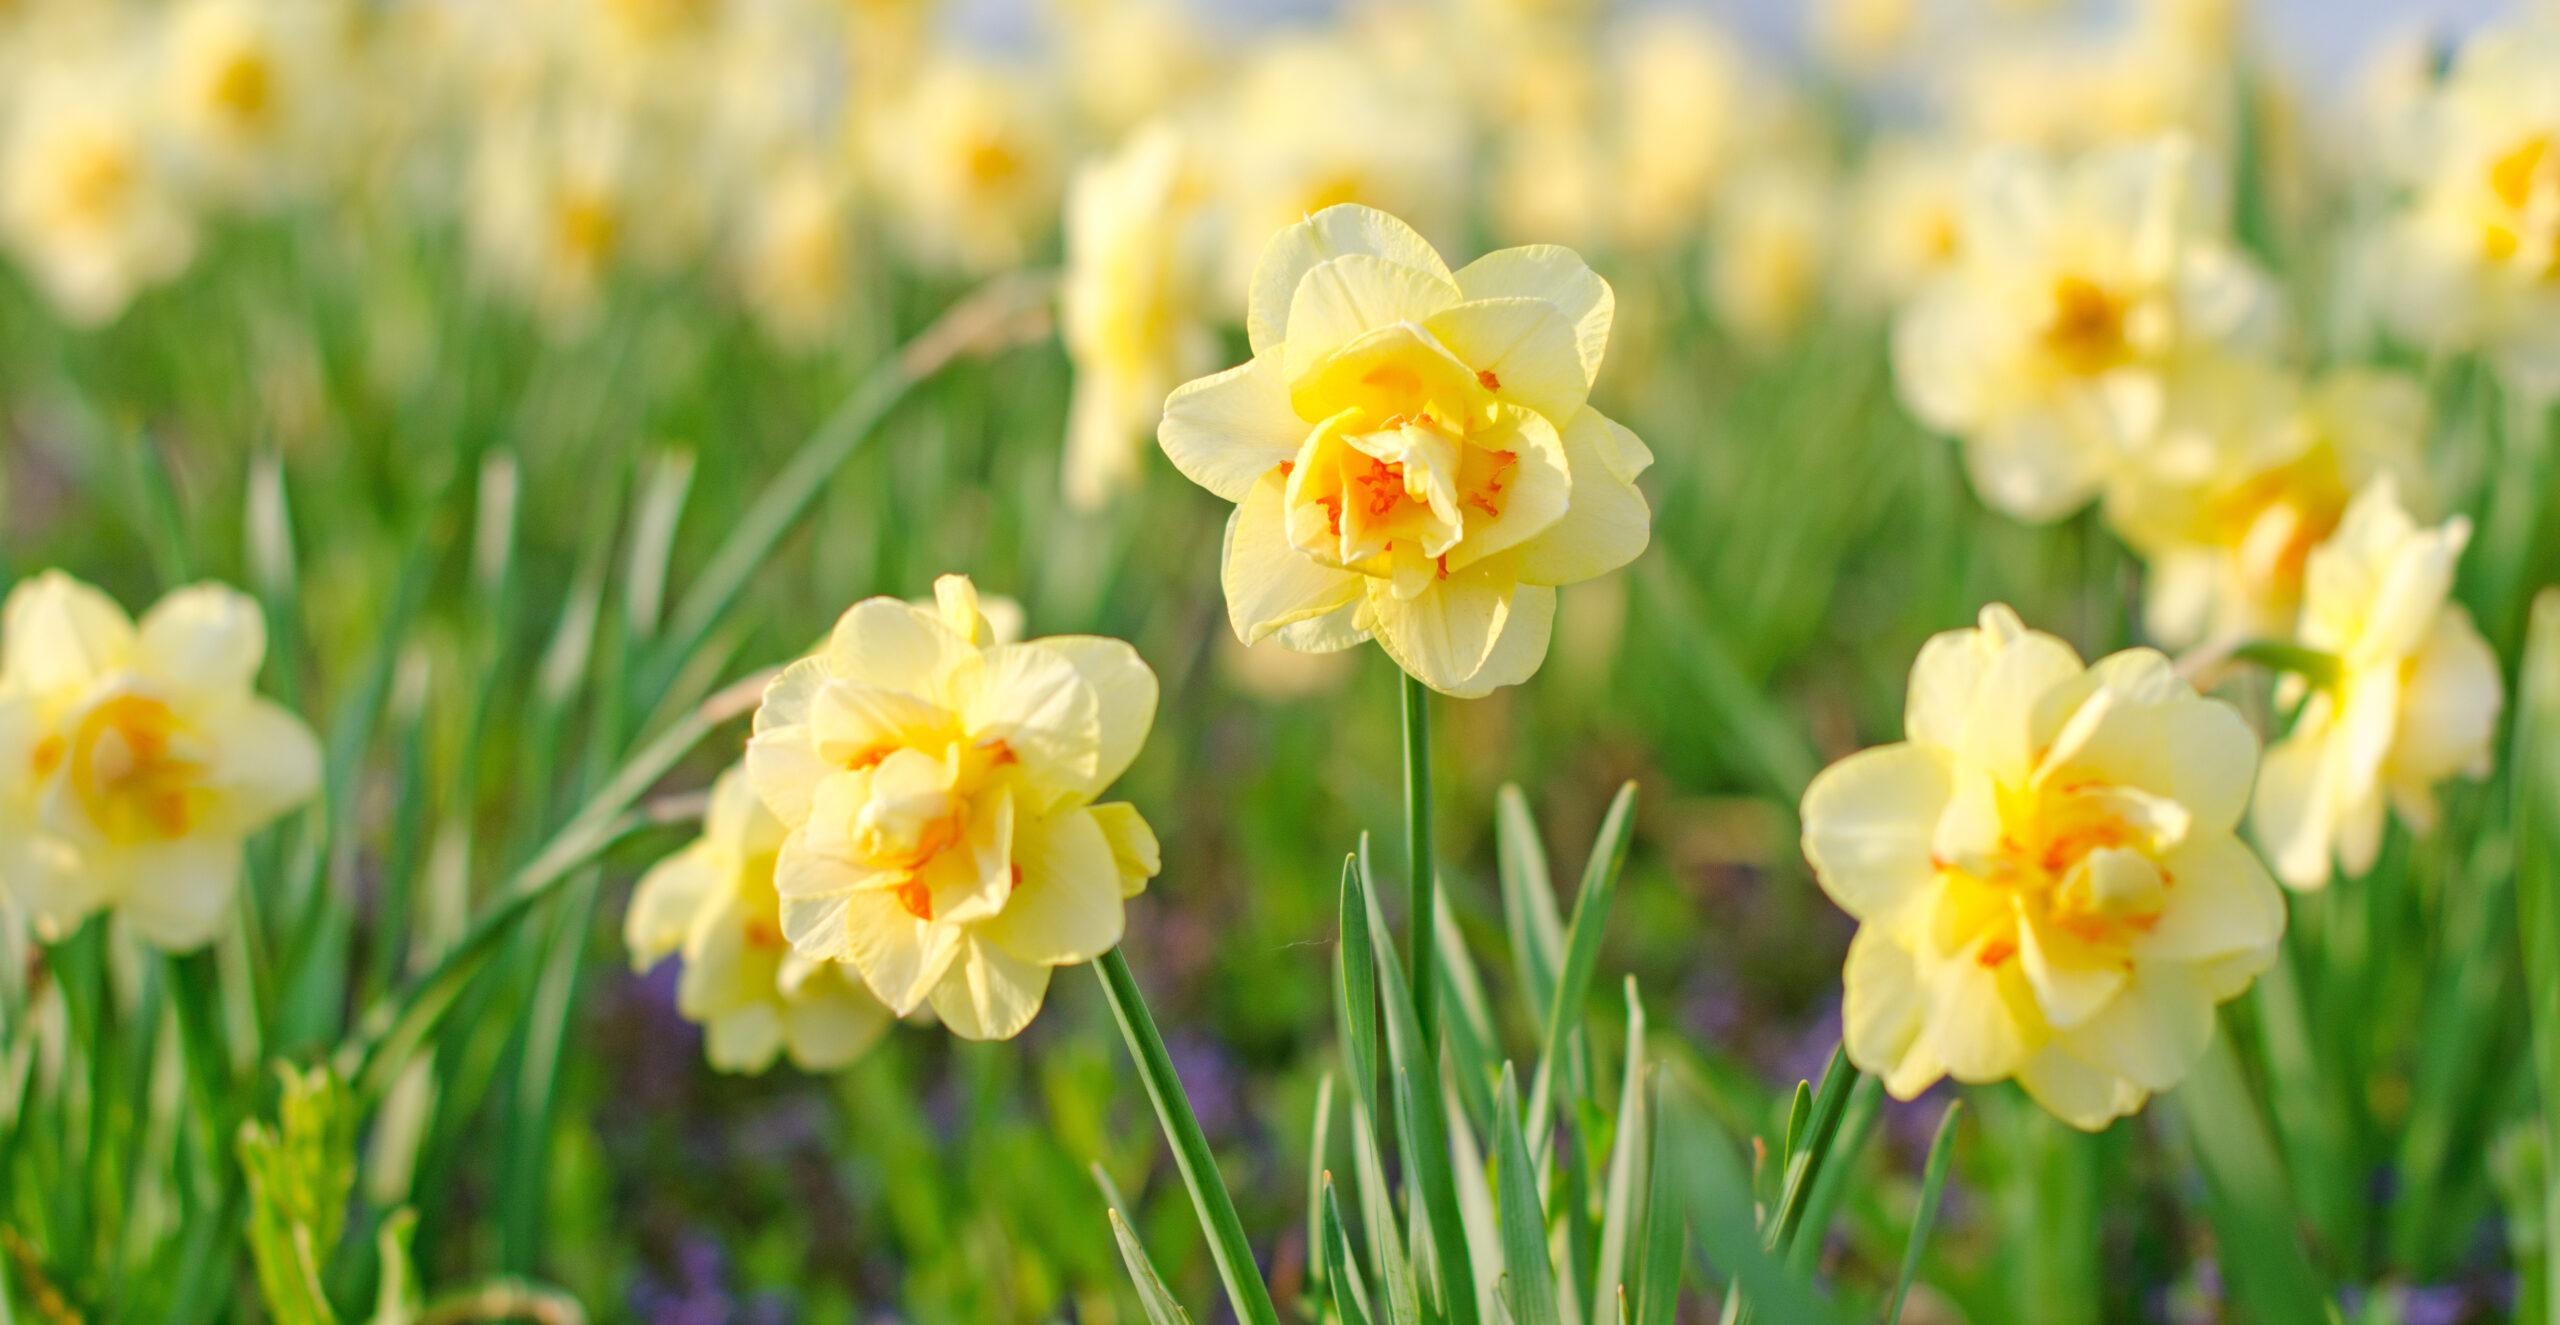 voorjaars foto met narcissen